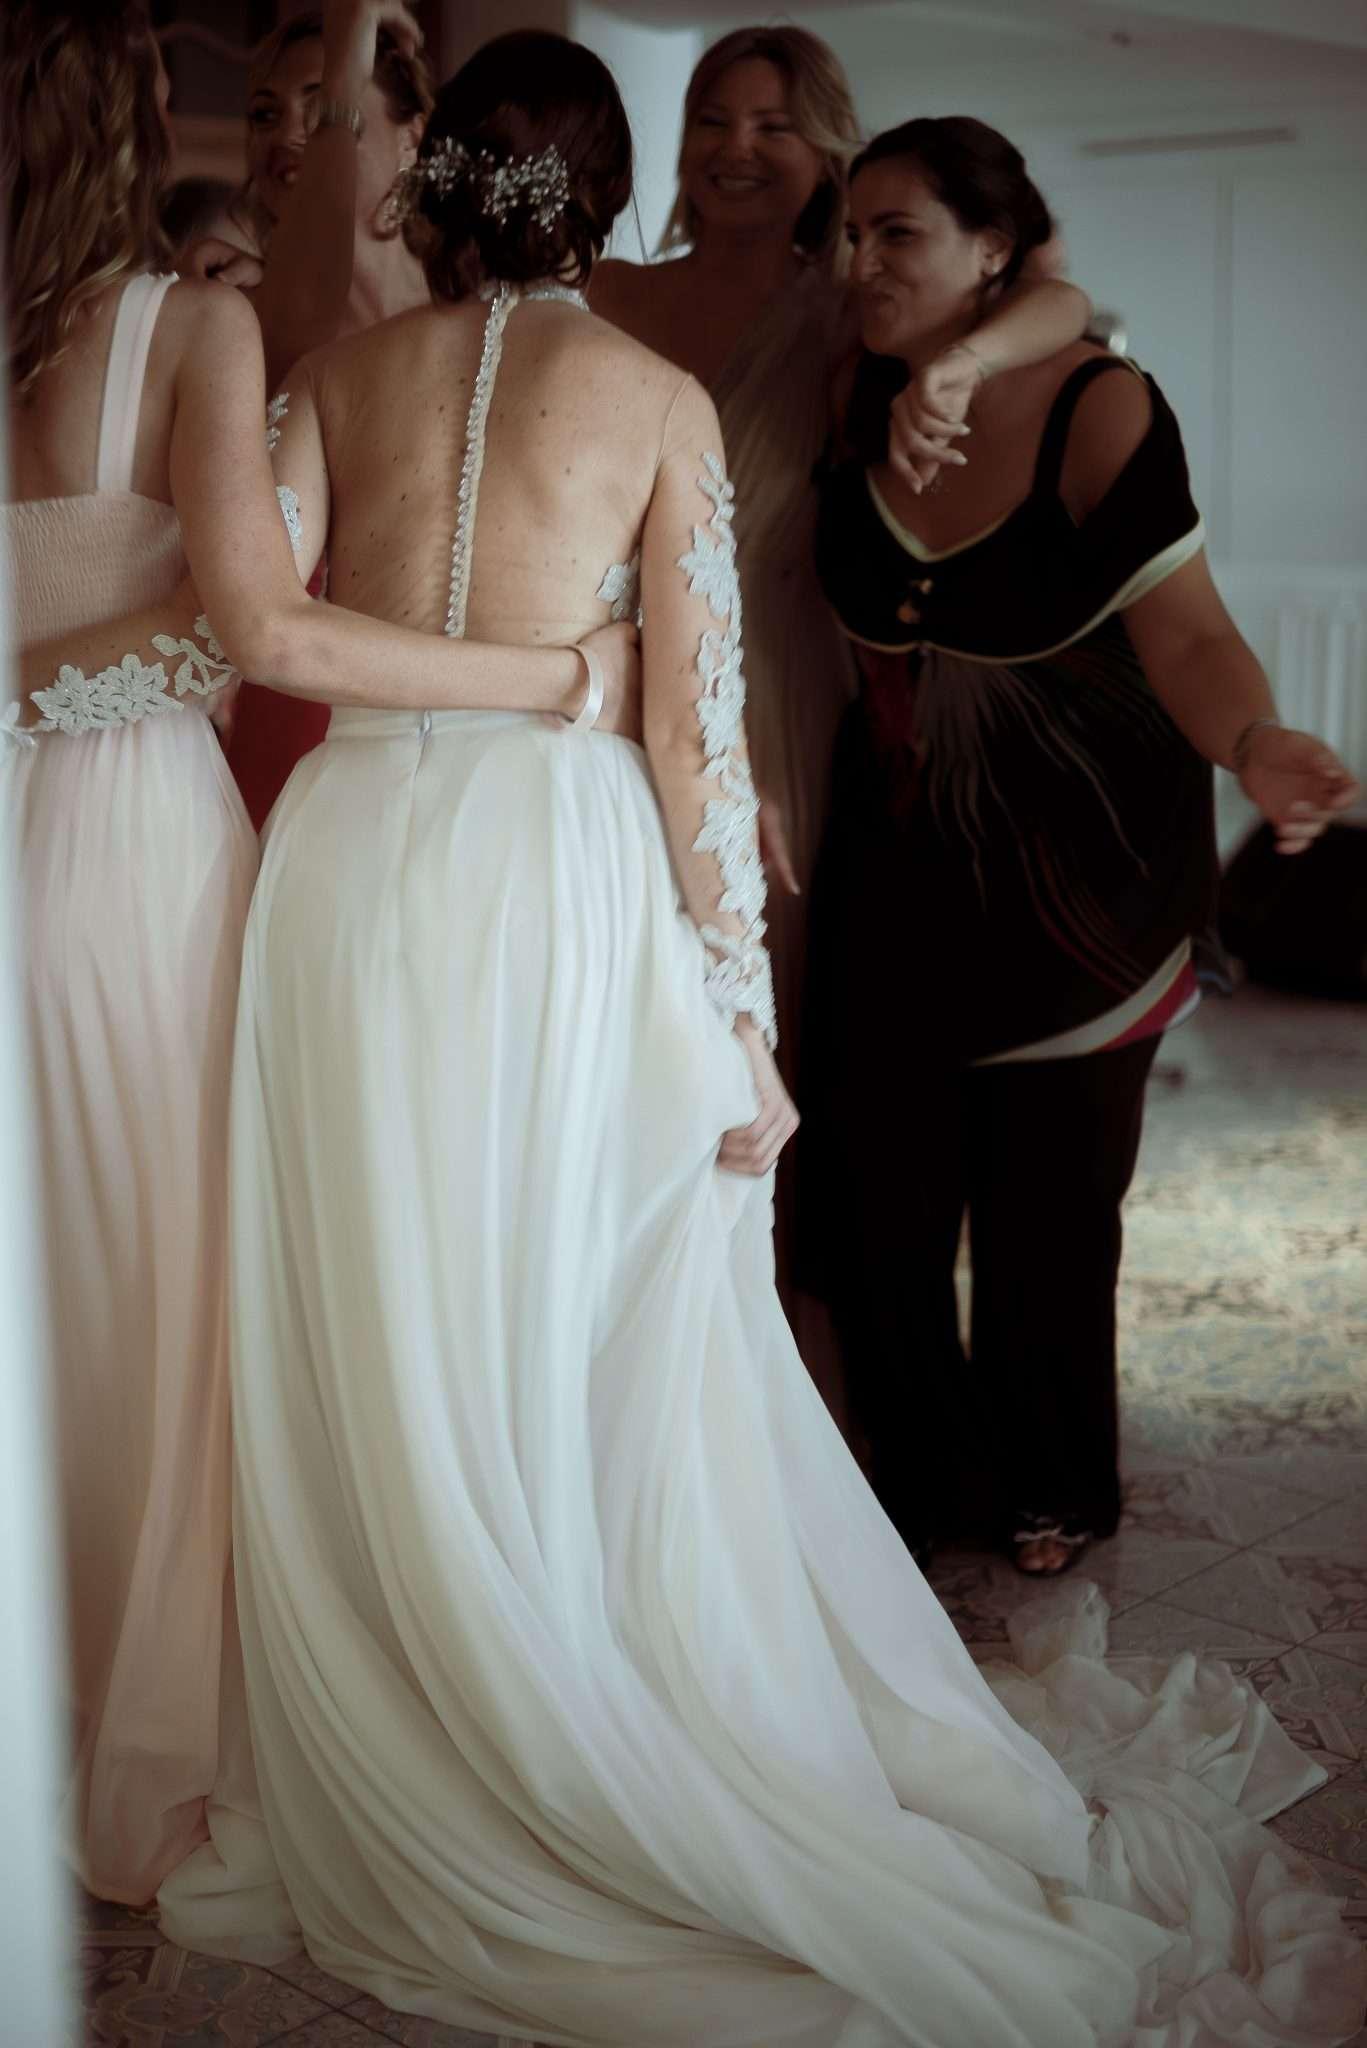 Wedding bride photography realizzata da Barbara Trincone fotografa professionista con studio a Pozzuoli - Napoli